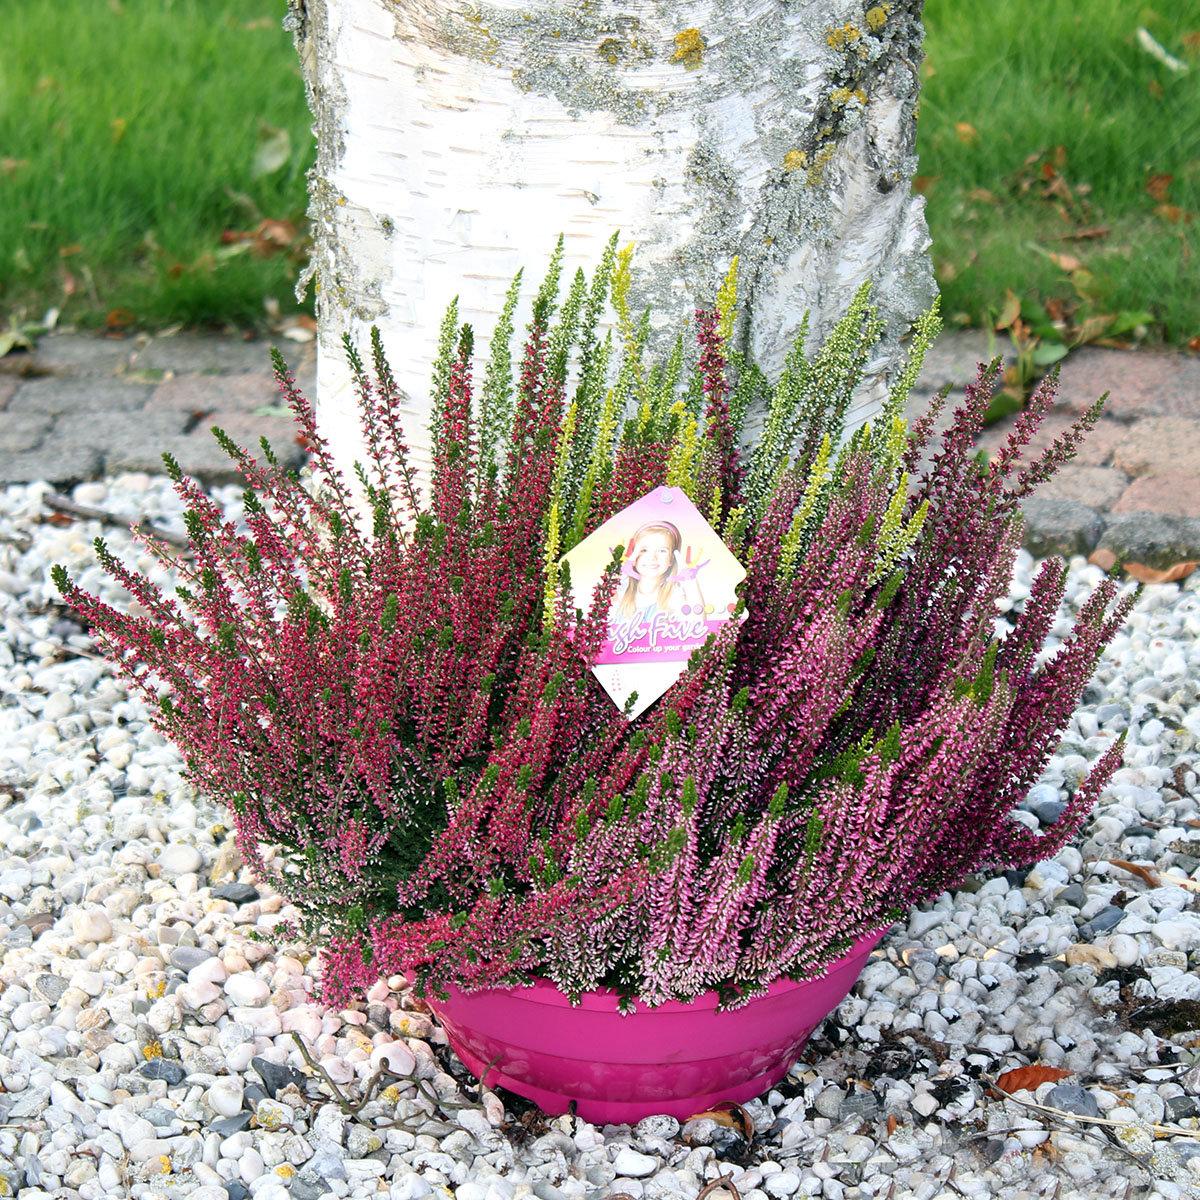 Pinke Schale Knospenheide Beauty Ladies | #2